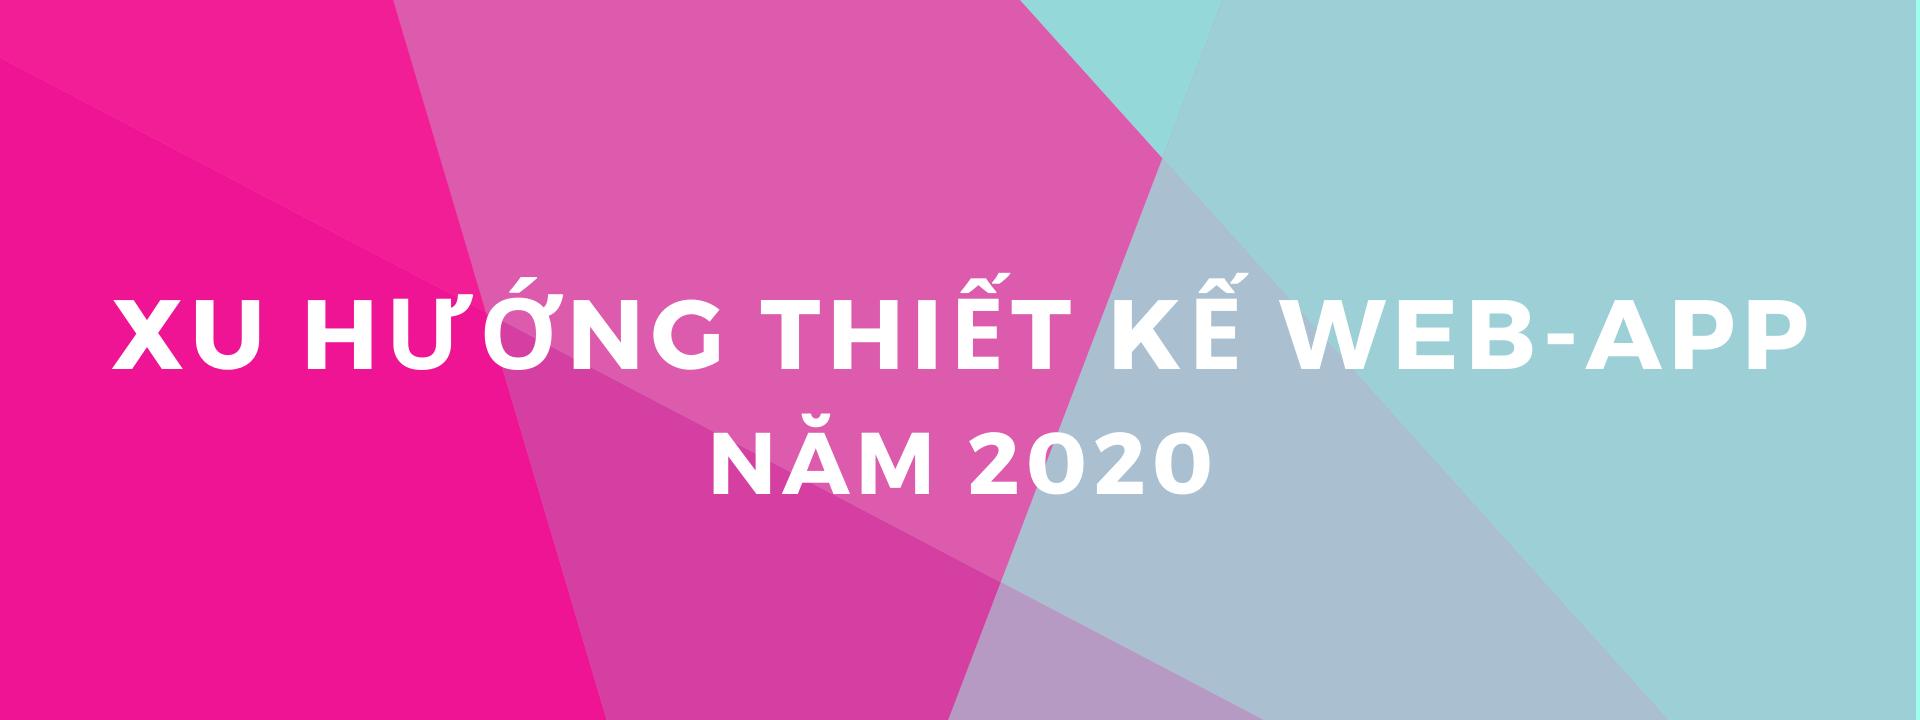 Xu hướng Thiết kế web app năm 2020